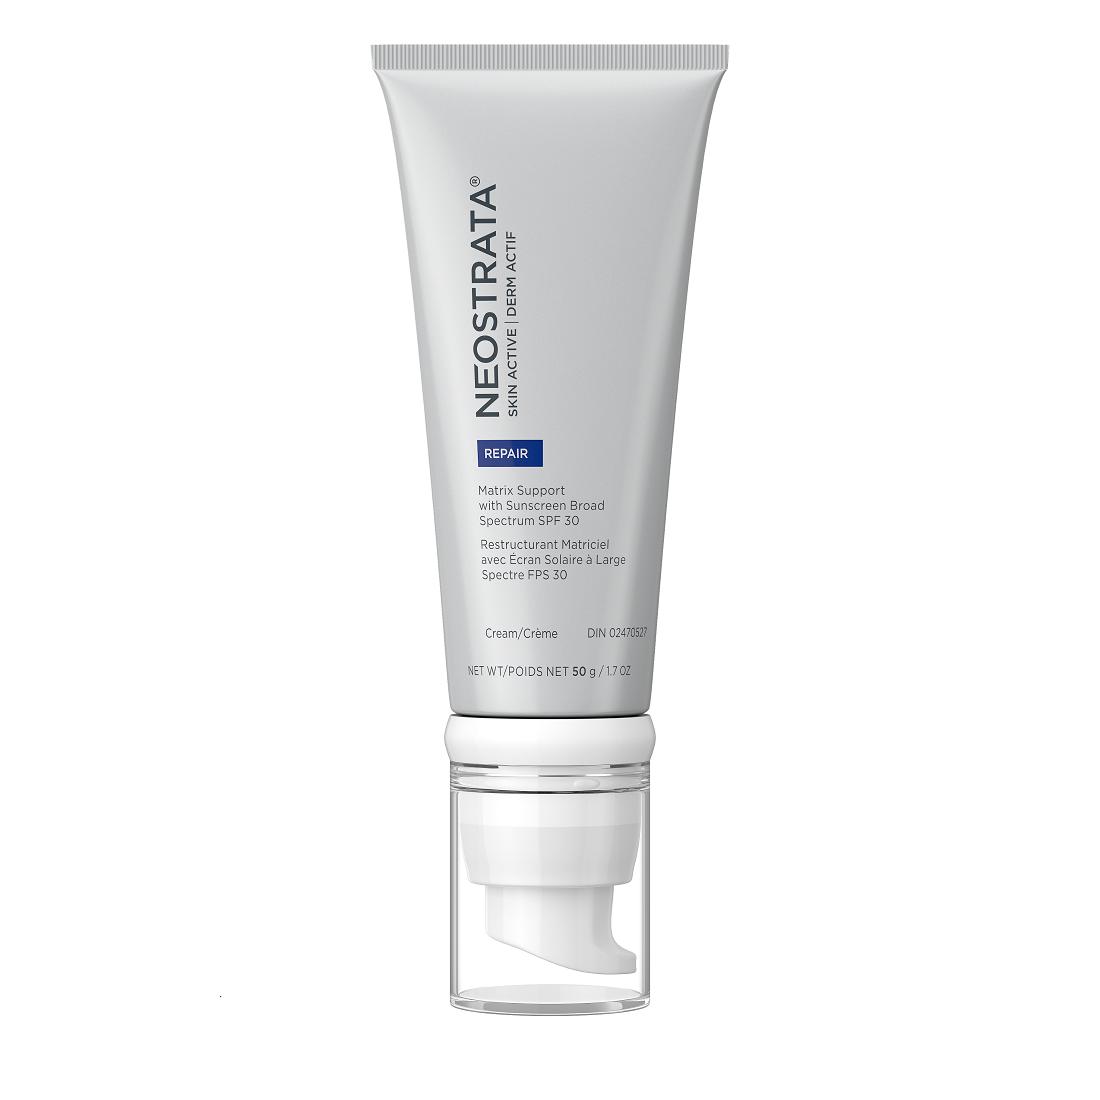 F30149_Matrix_Support_Sunscreen_SPF30_50g_